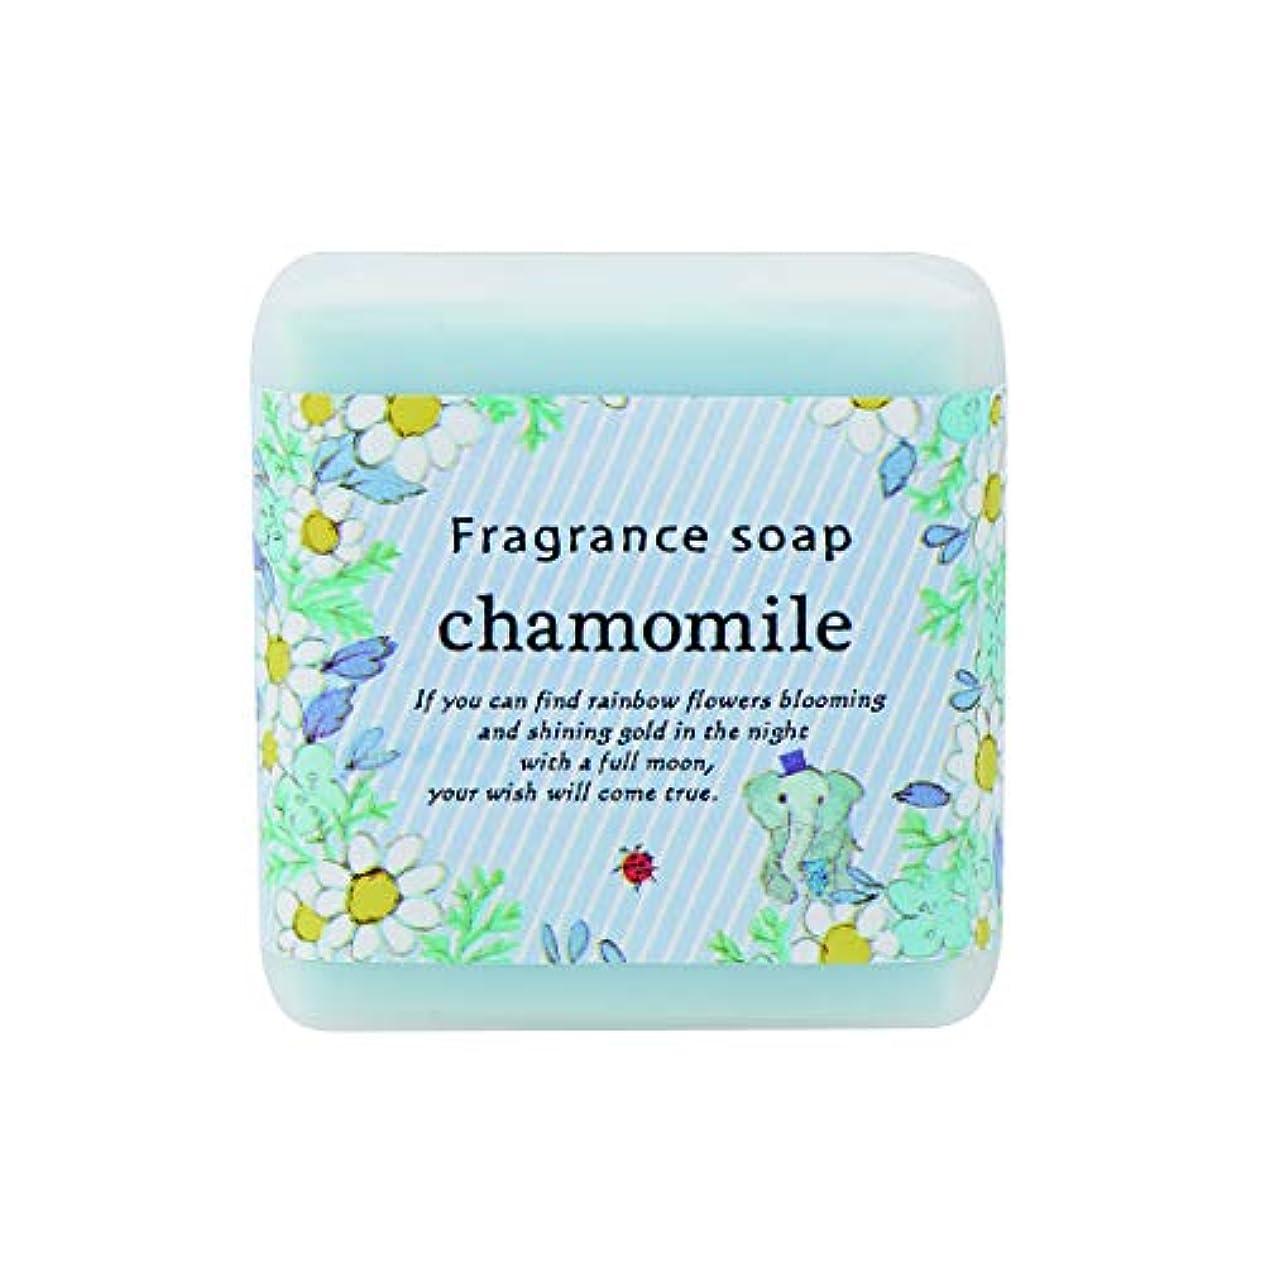 シャー暖かく回復サンハーブ フレグランスソープ40g カモマイル 12個(プチソープ ゲストソープ やさしく穏やかな甘い香り)